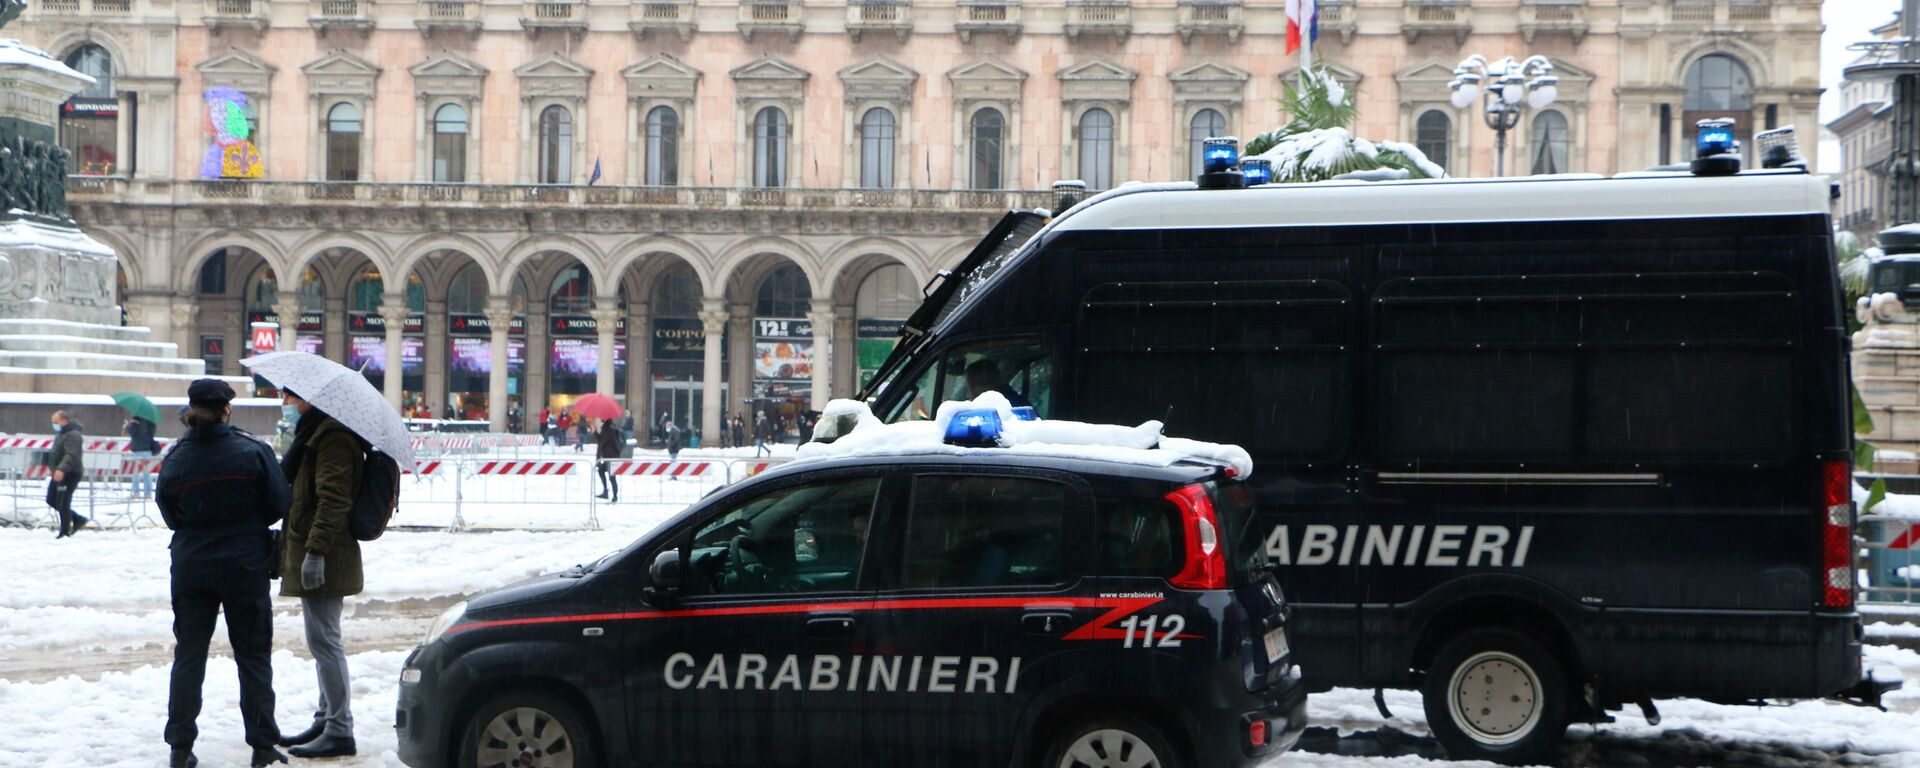 Carabinieri a Milano - Sputnik Italia, 1920, 16.01.2021